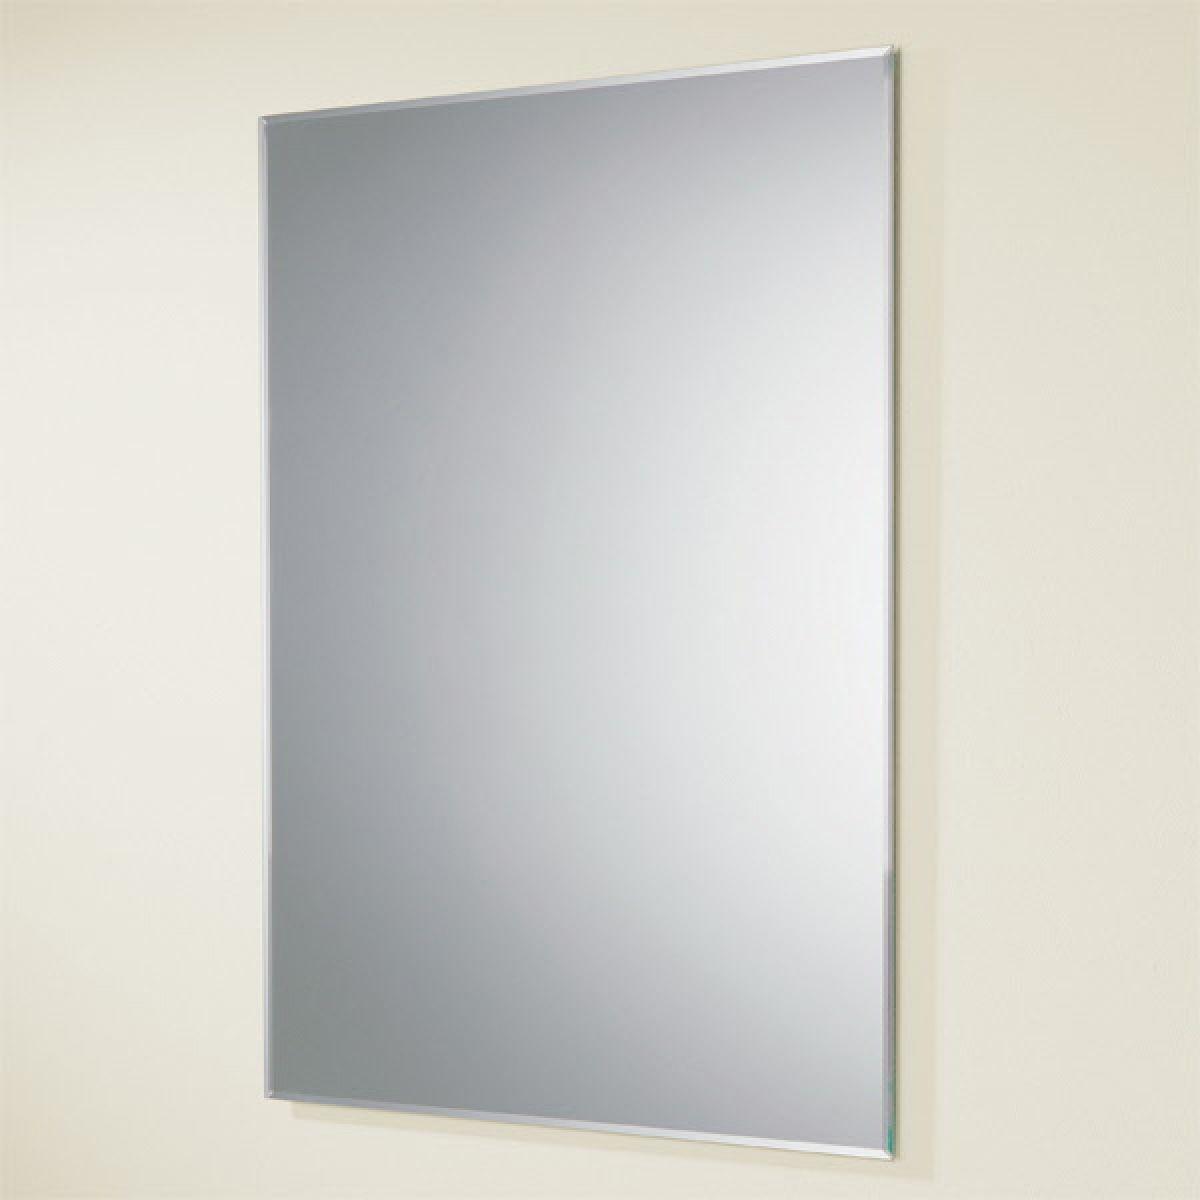 Joshua Heated Bathroom Mirror